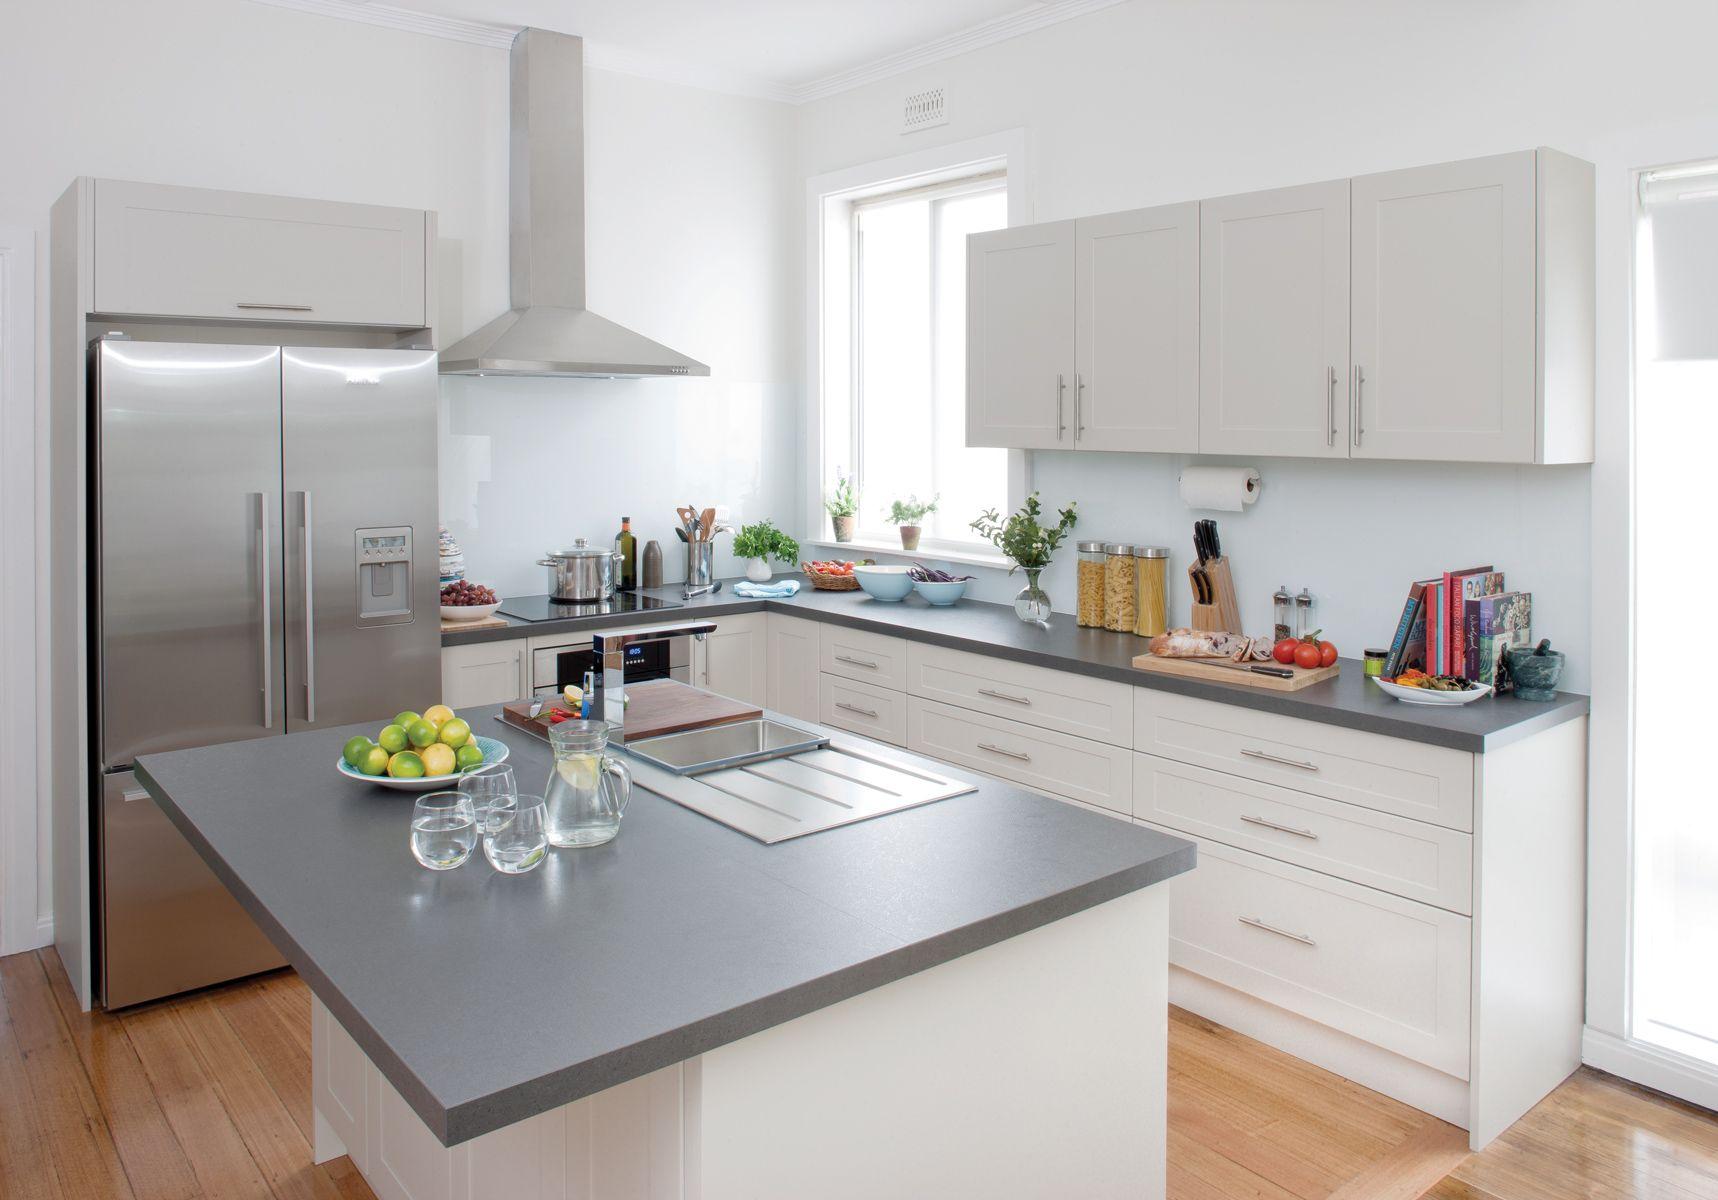 neutral trend kitchen design kitchen wall cabinets design your kitchen on kaboodle kitchen enoki id=57049